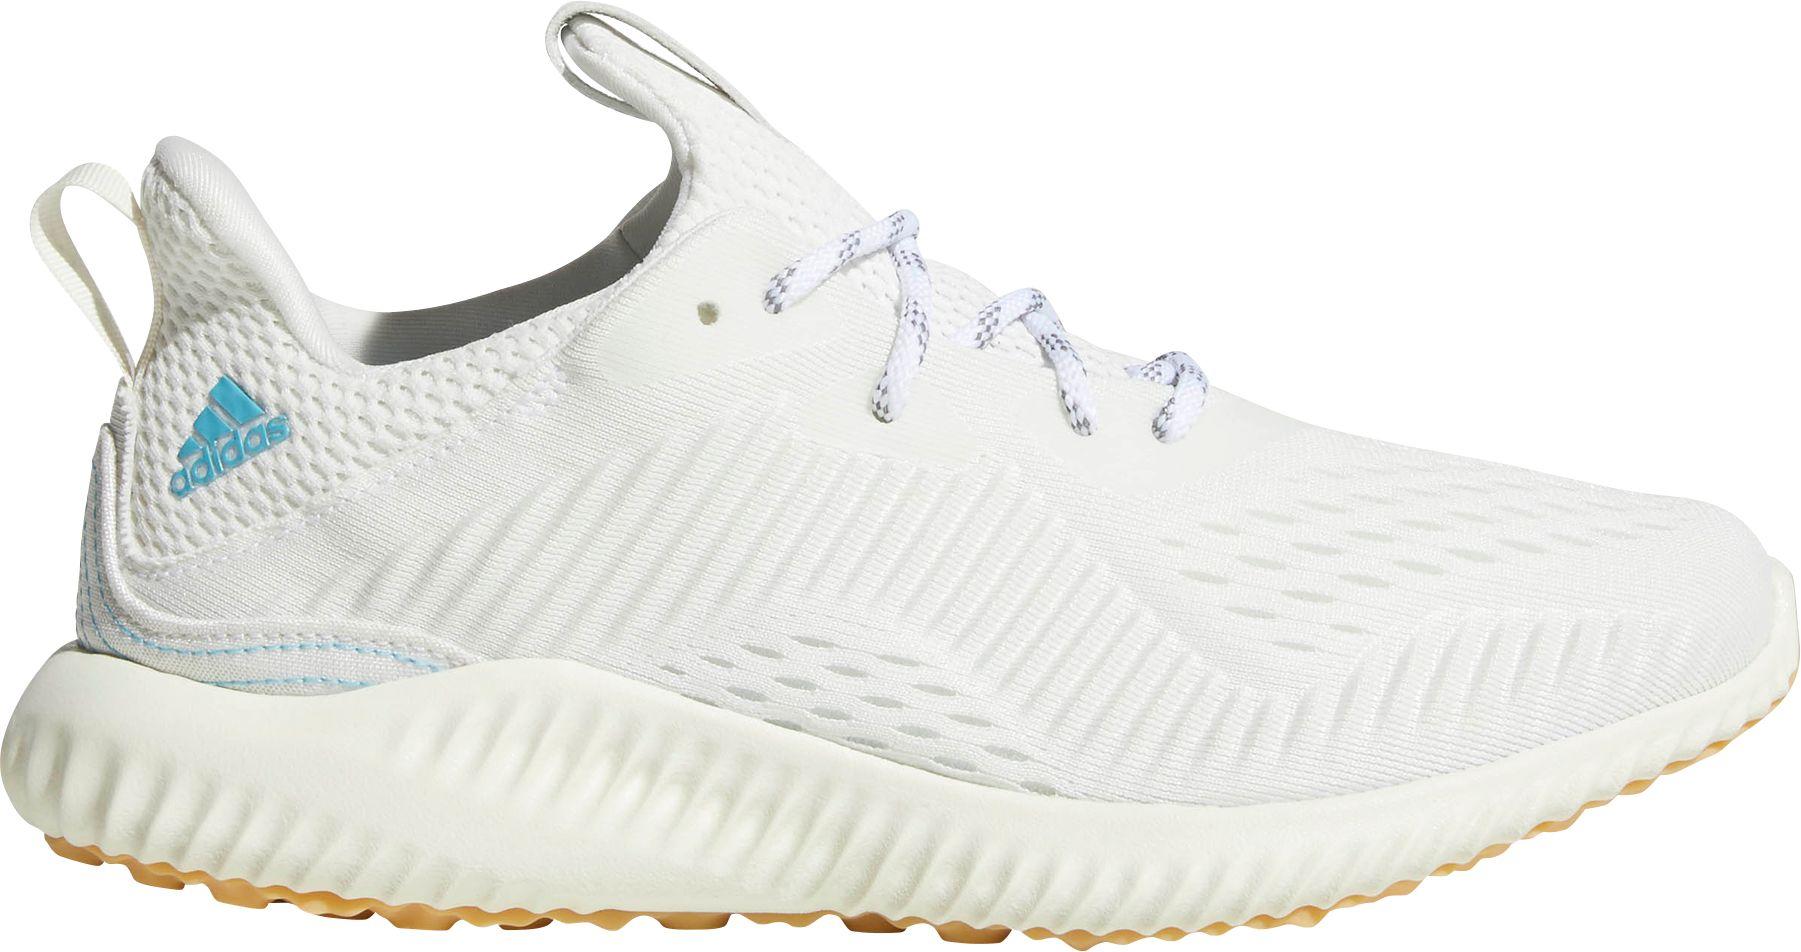 d7a2d739854d4 adidas Women s alphabounce 1 Parley Running Shoes